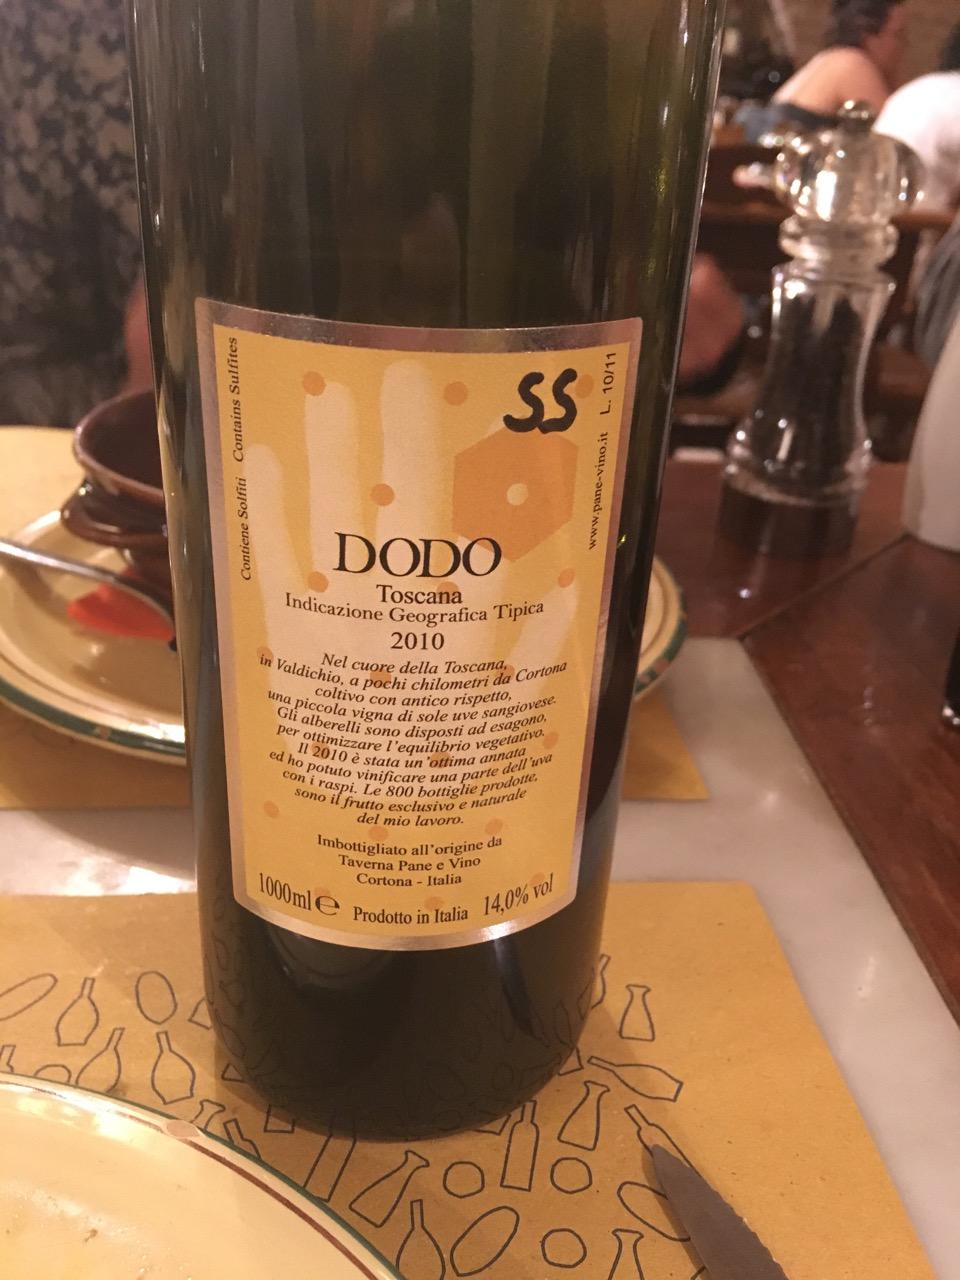 2010 Dodo (no sufites)